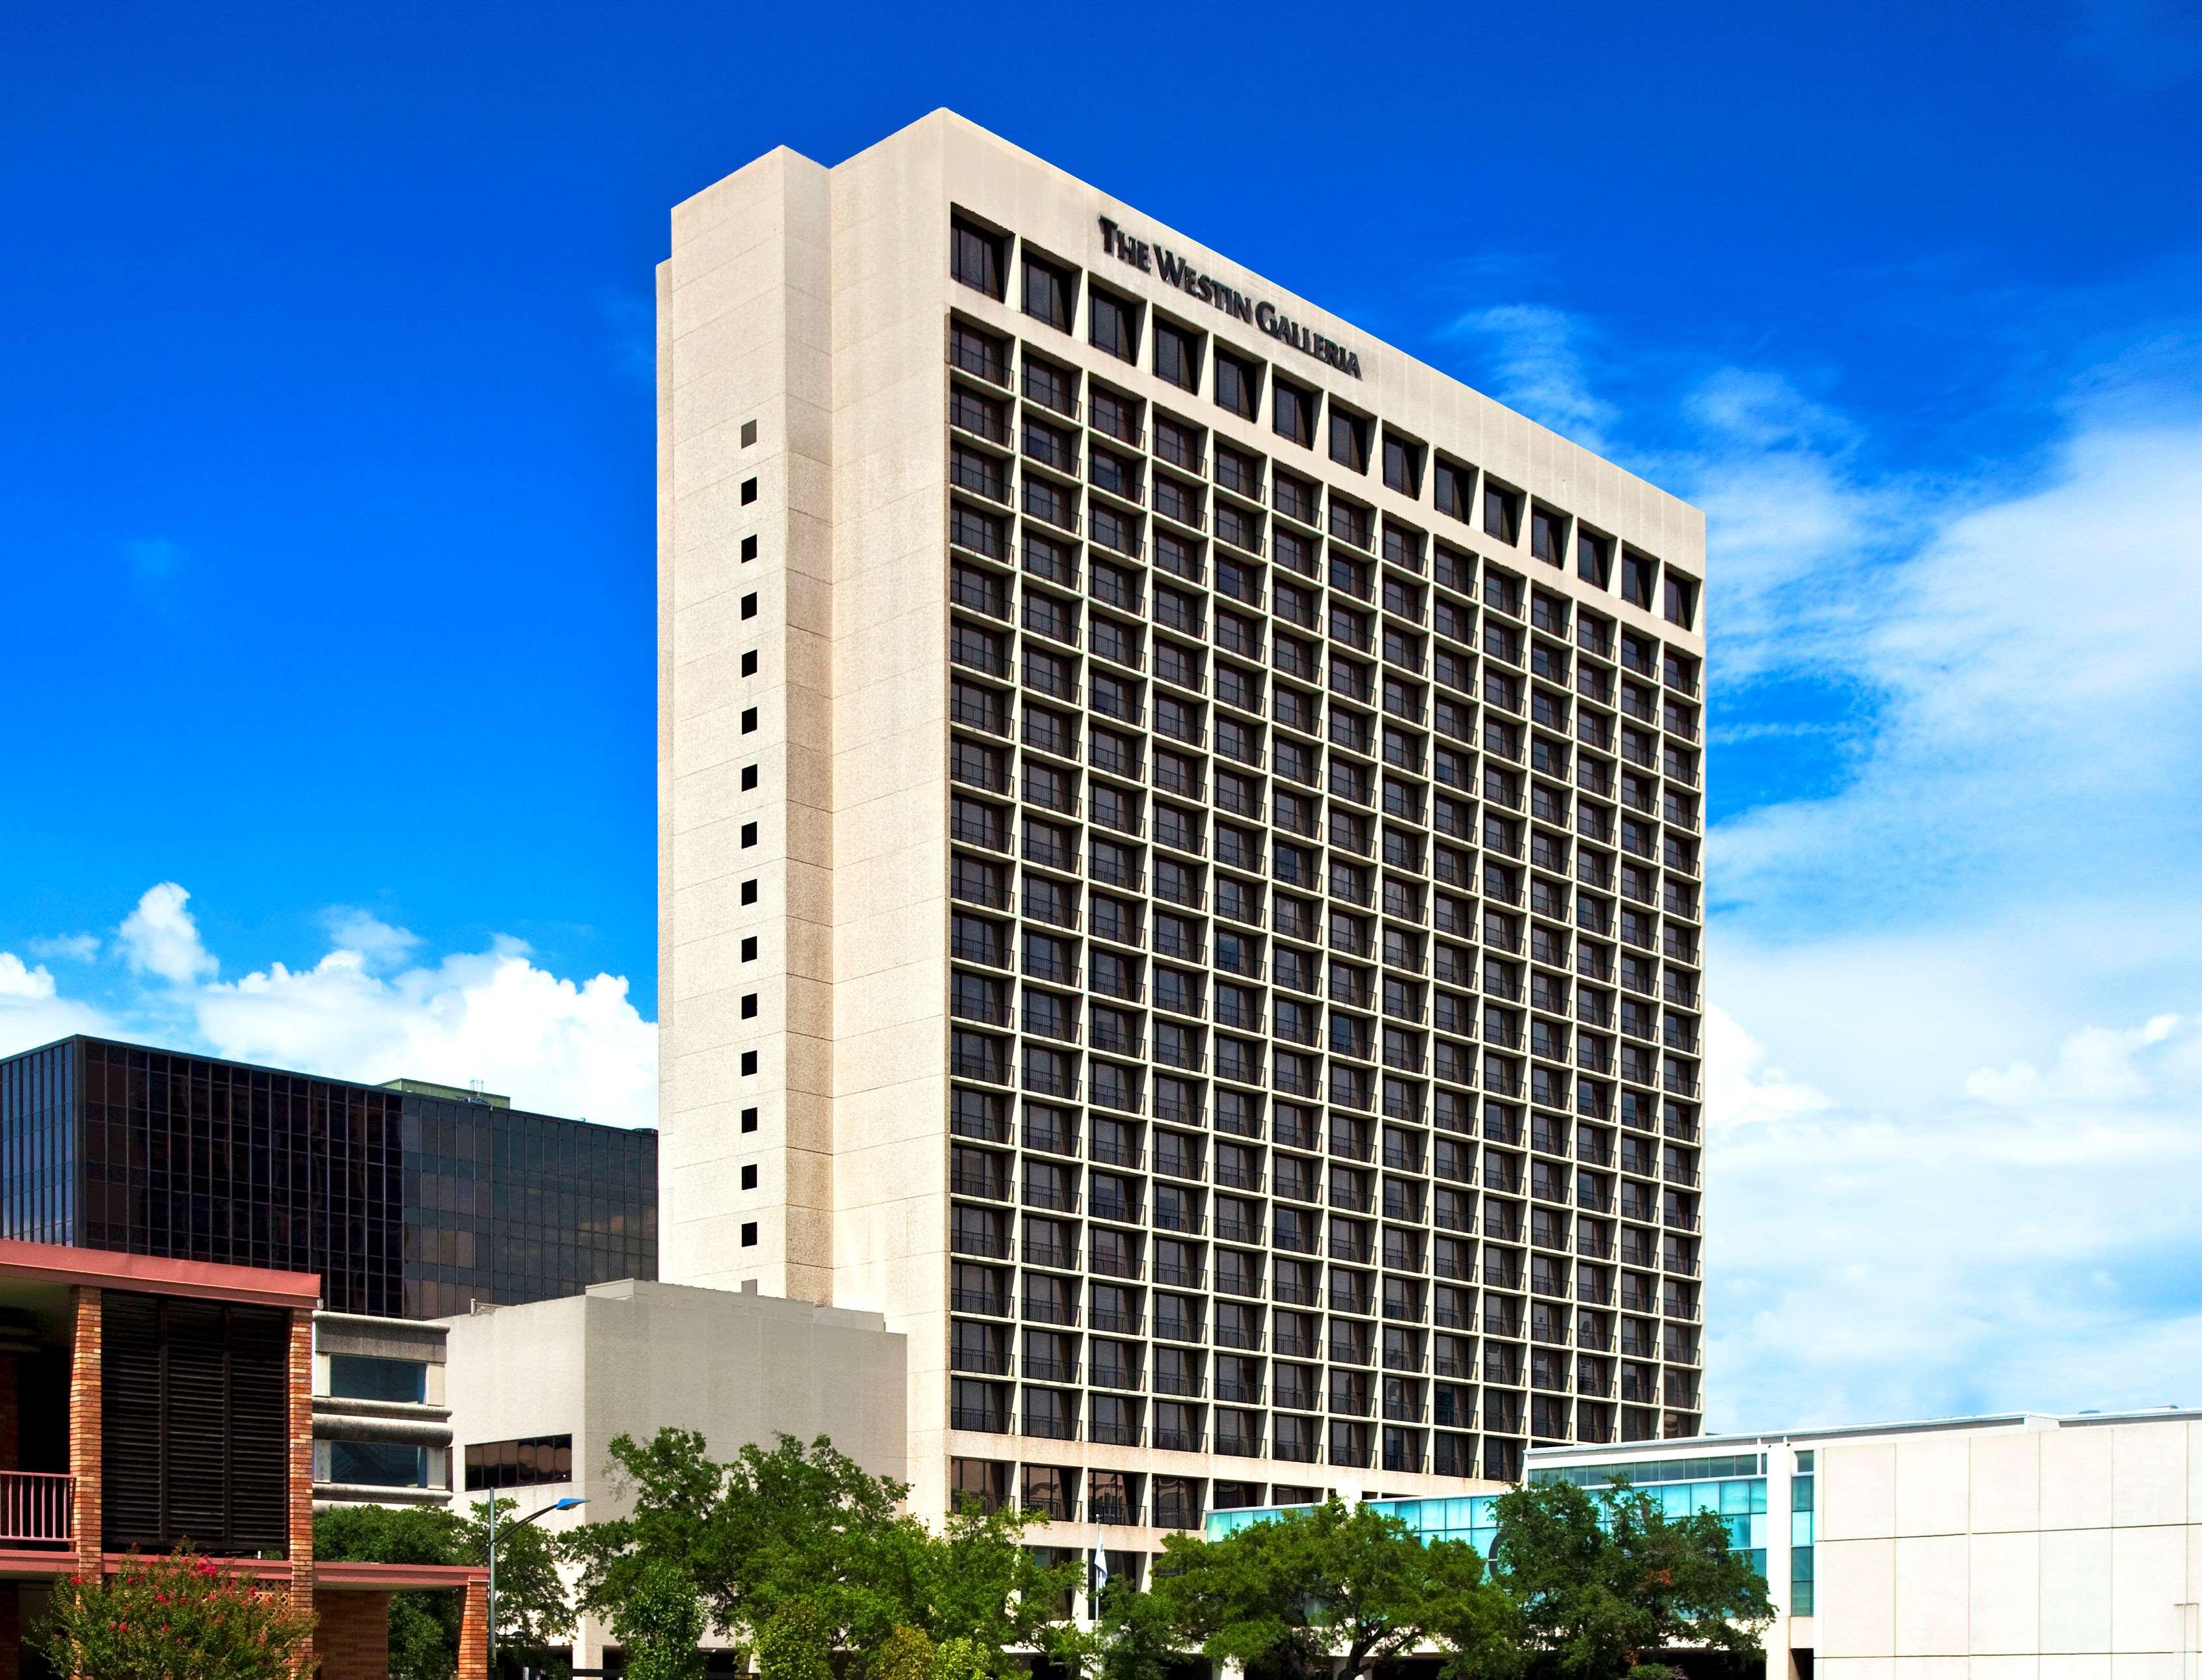 The Westin Galleria Houston image 0